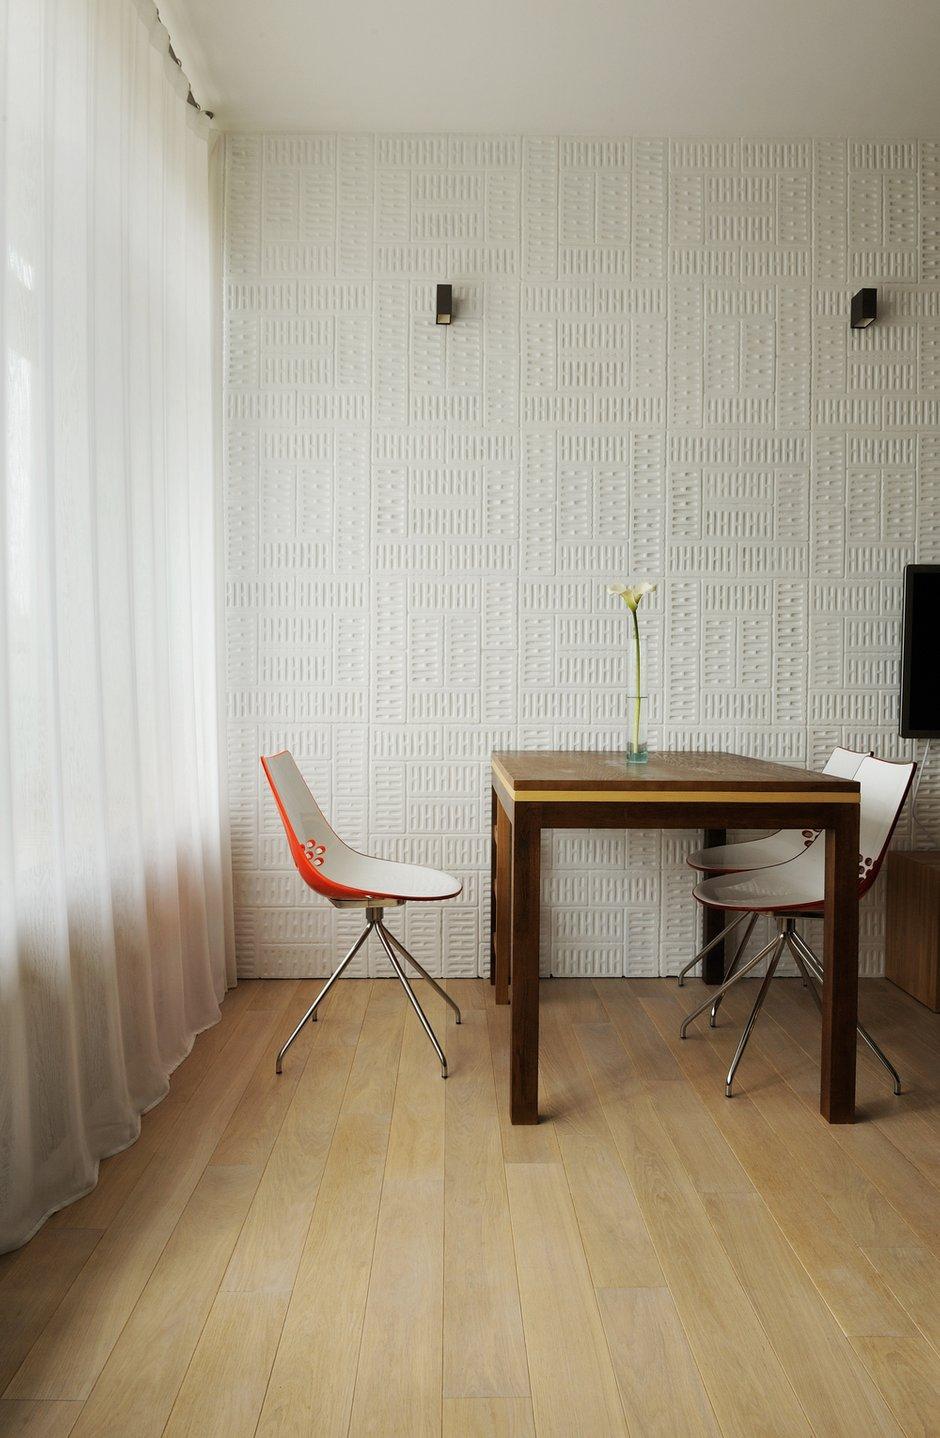 Фотография: Кухня и столовая в стиле Современный, Квартира, Calligaris, Дома и квартиры – фото на INMYROOM